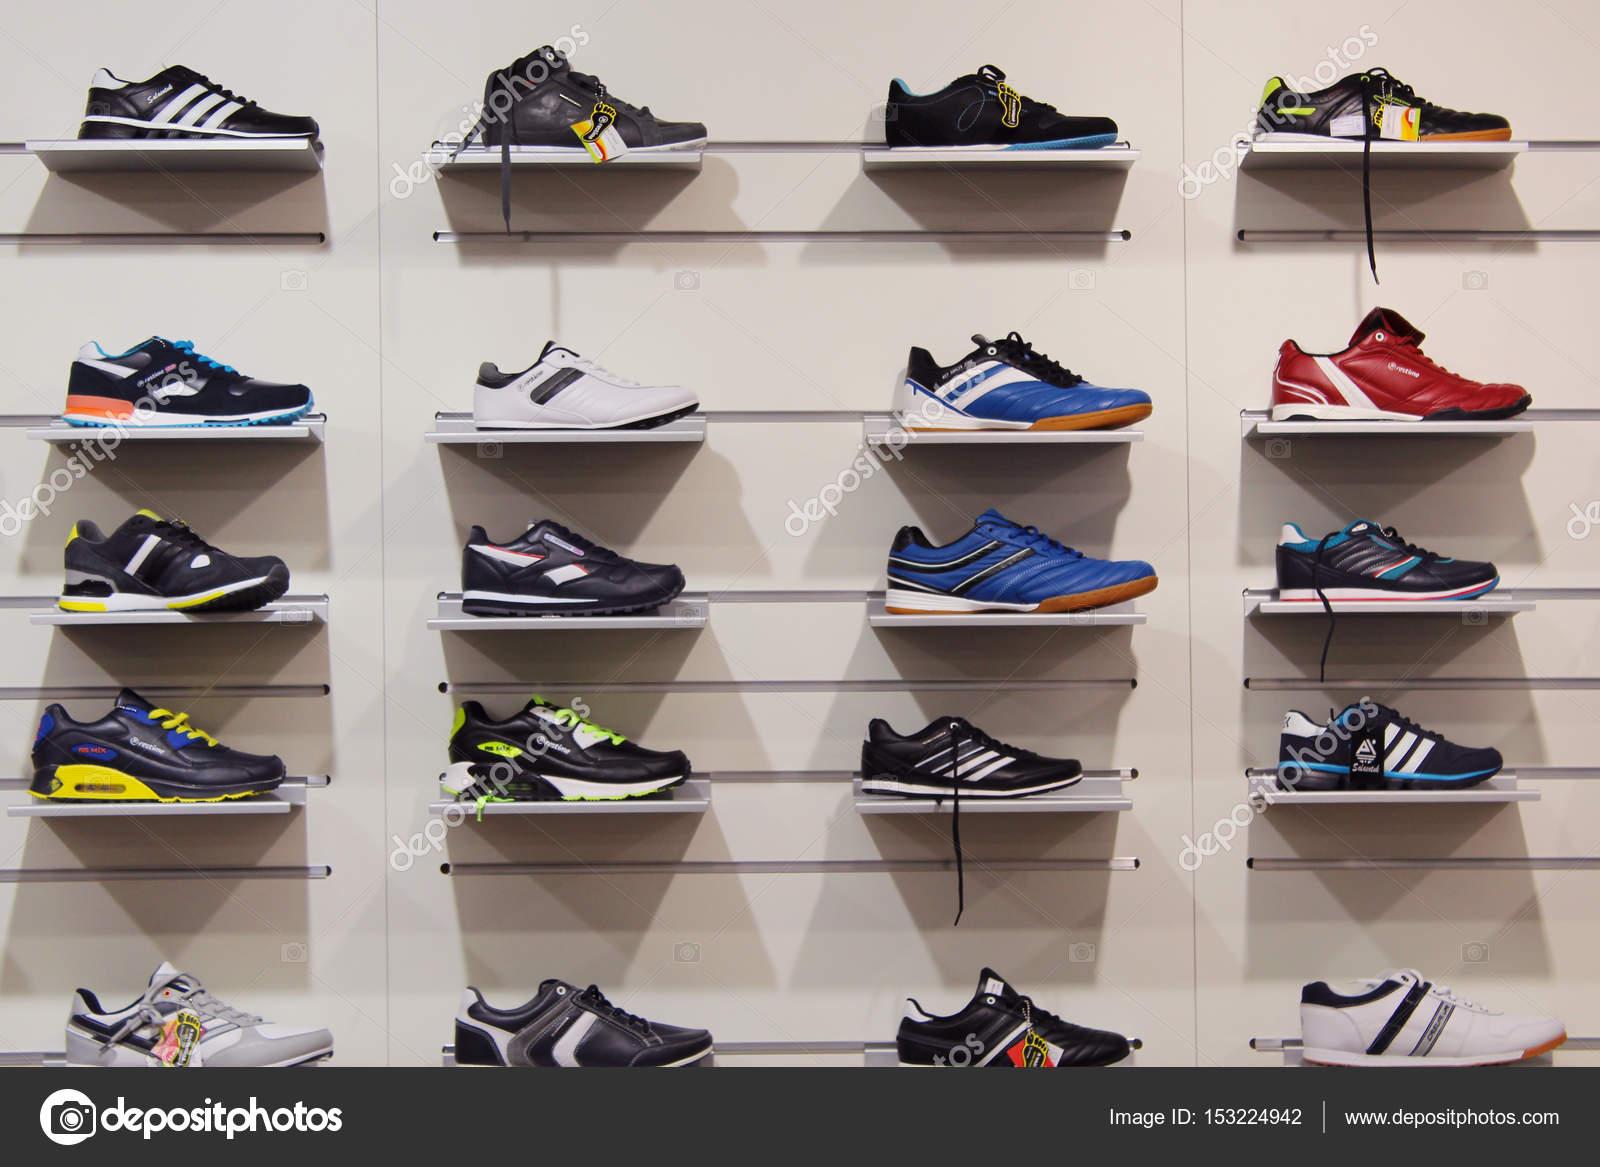 bfccc38935815 4 settembre 2015  Sneakers sugli scaffali in negozio. Grande assortimento di  calzature sportive. 4 settembre 2015 a Chernihiv   Ucraina — Foto di ...